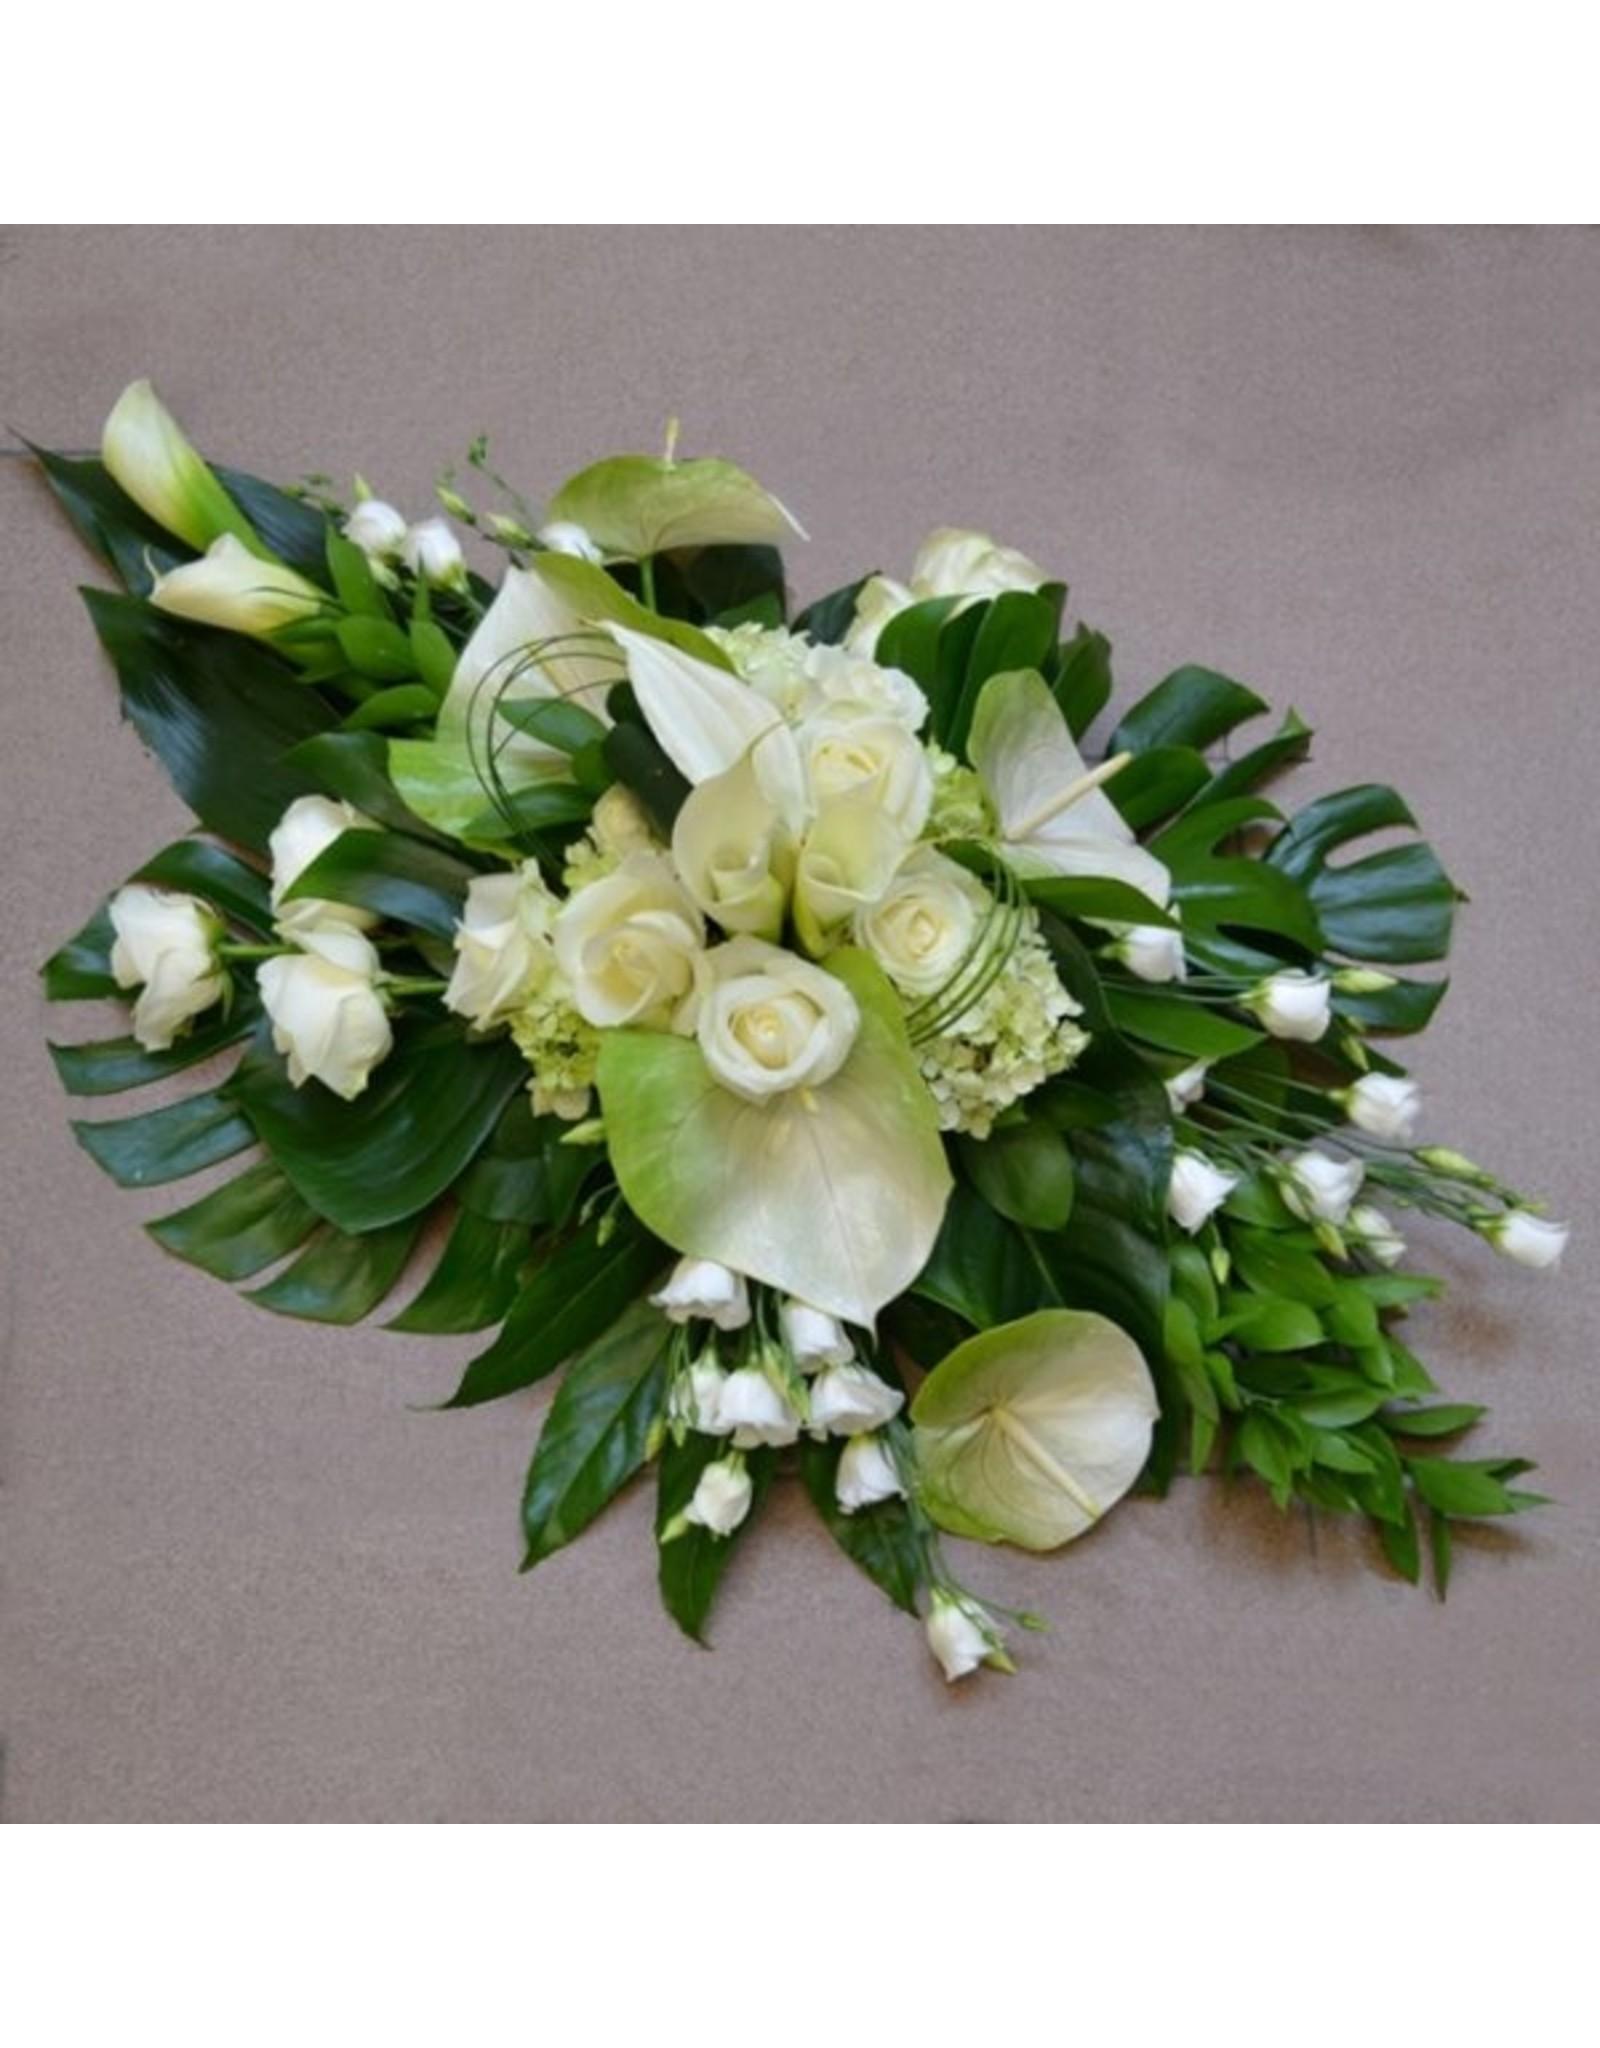 Middelgroot bloemstuk met fijne snijbloemen